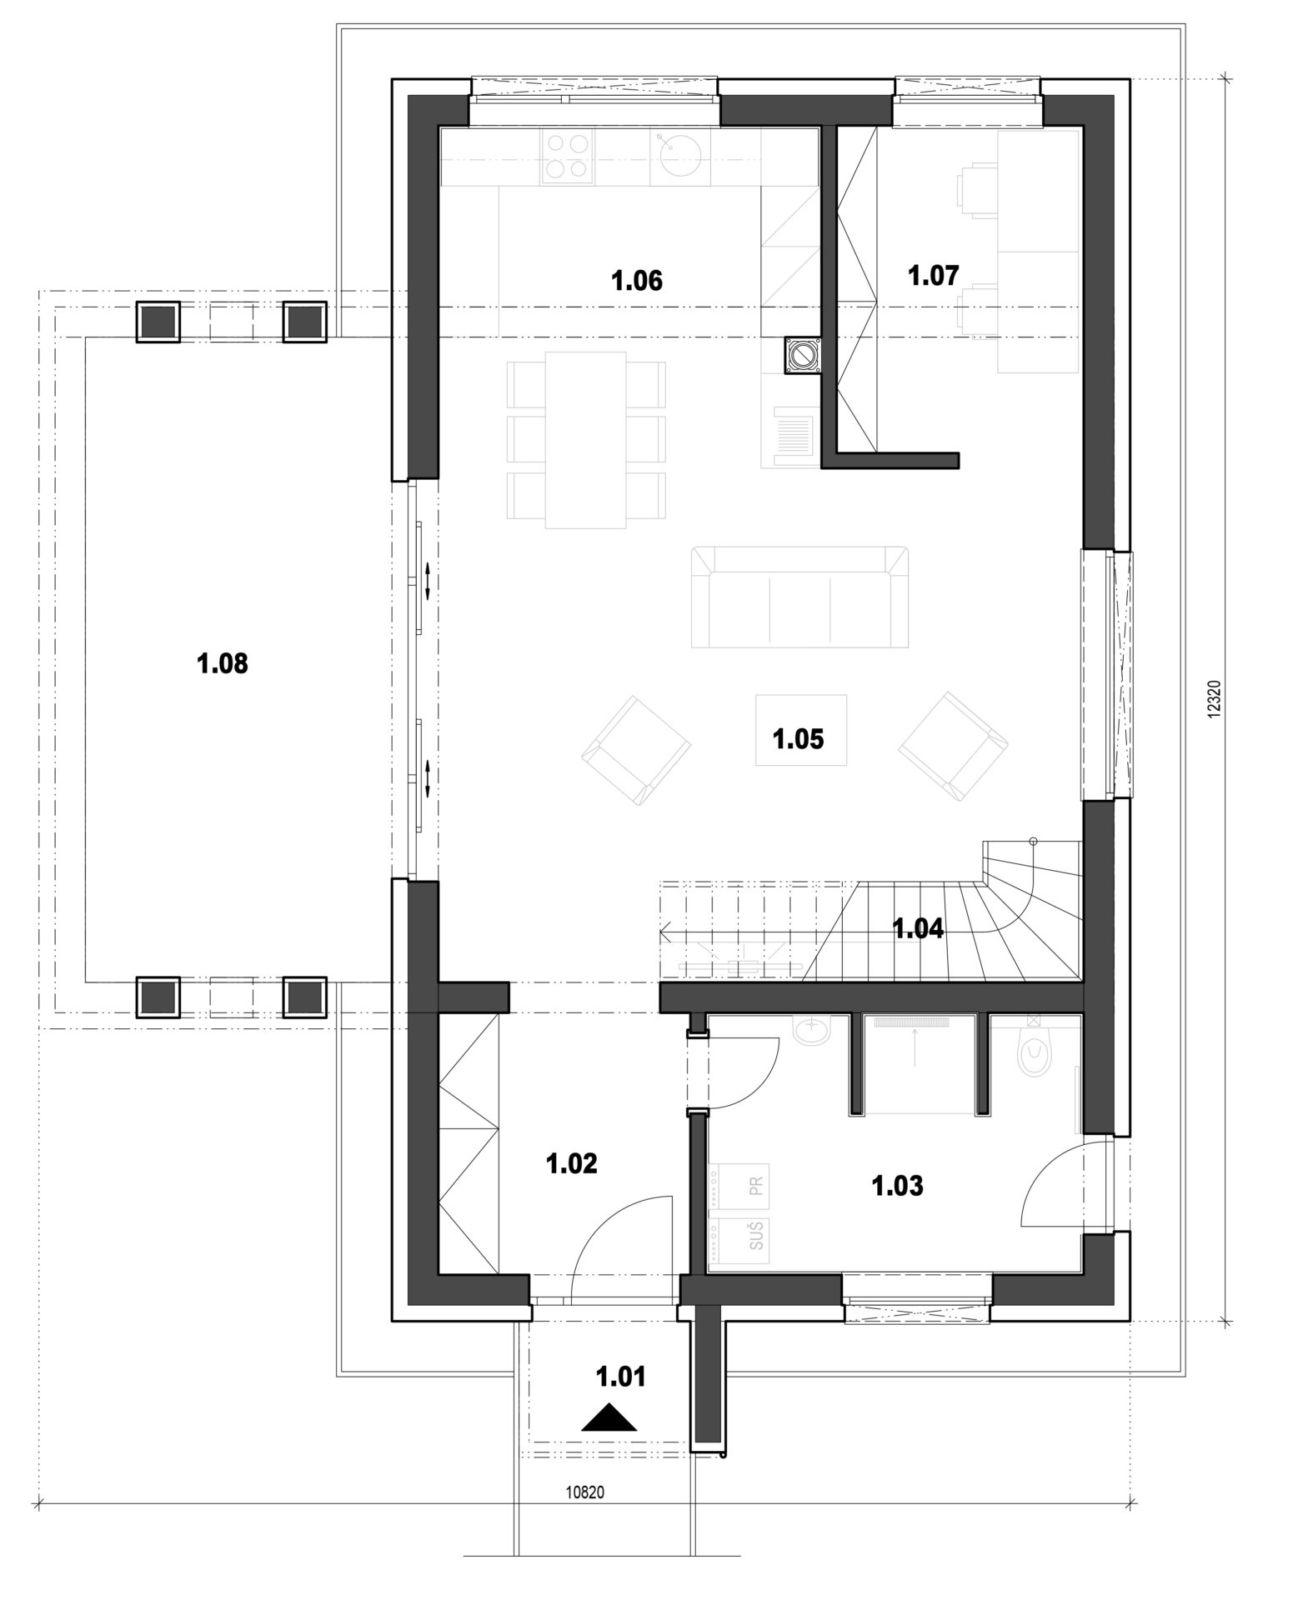 Rodinný dom 8 1. nadzemné podlažie pôdorys